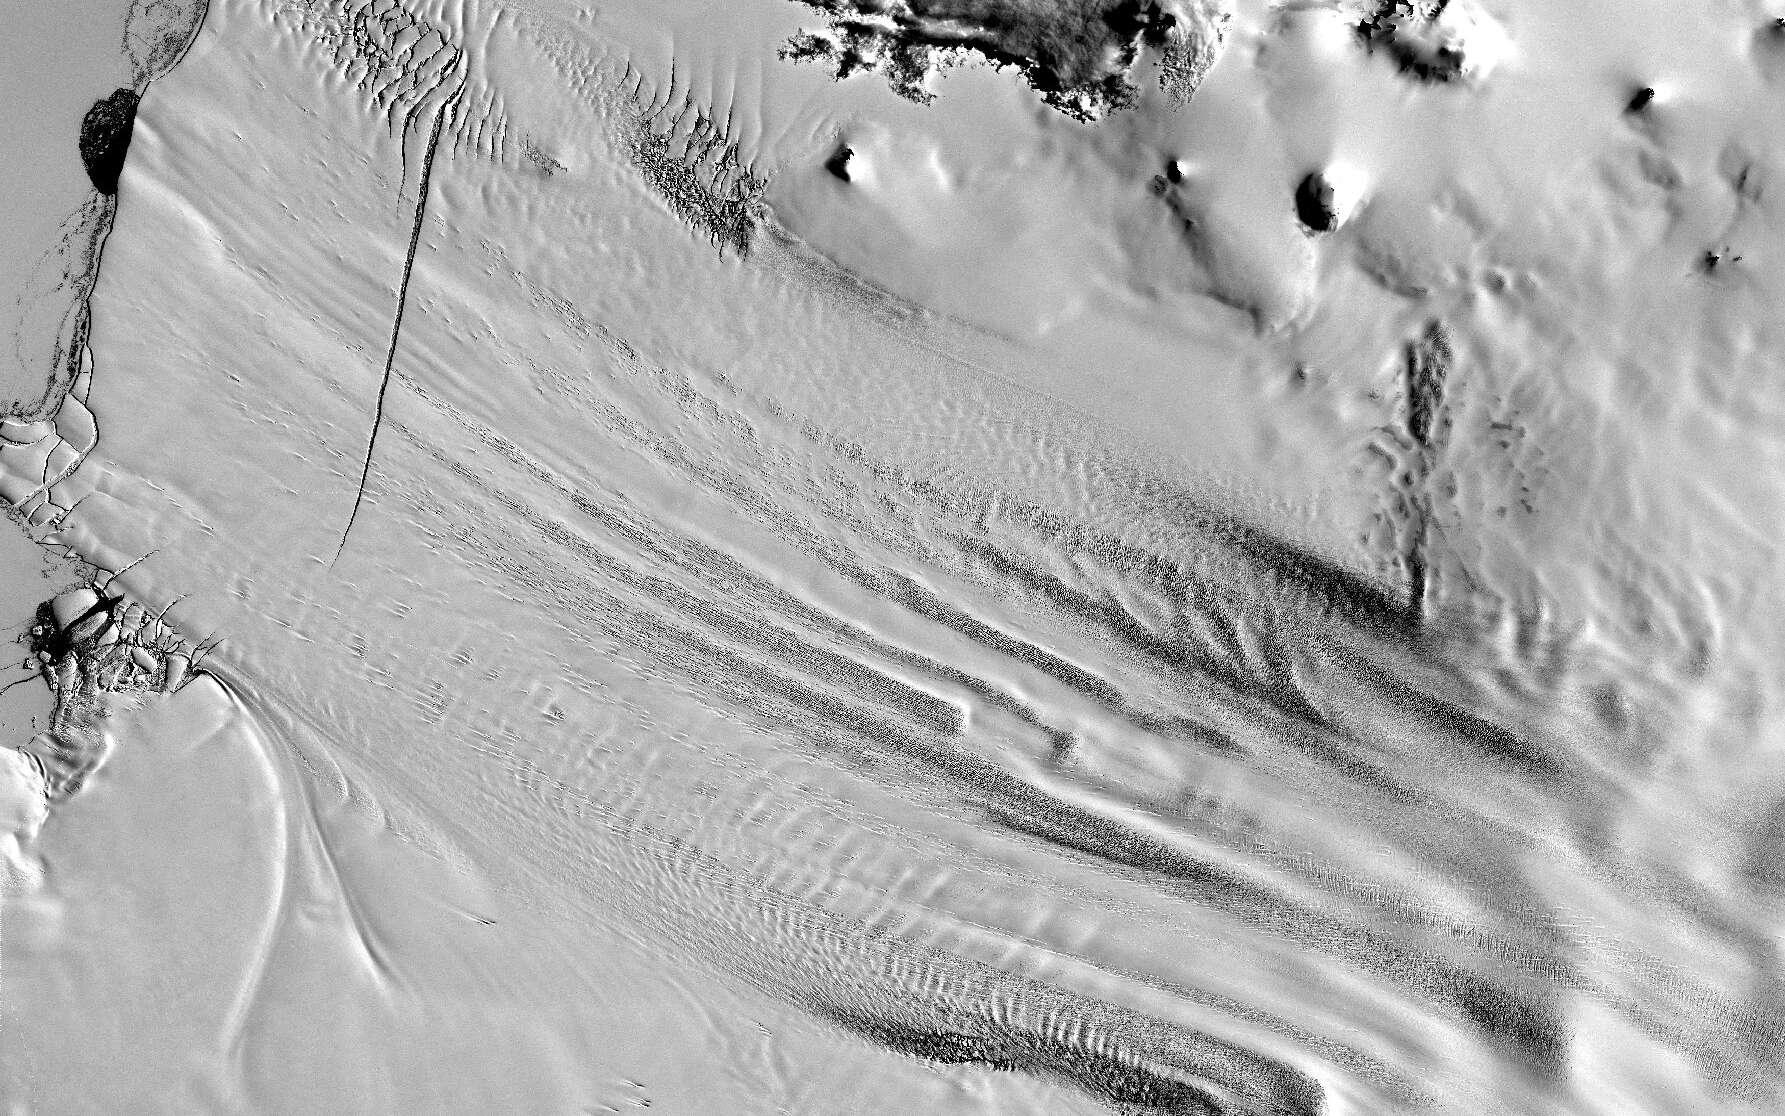 Les icebergs du glacier de l'île du Pin naissent de la plateforme glaciaire à l'image. Cette photo satellite de la Nasa montre le début de formation d'icebergs. © Nasa